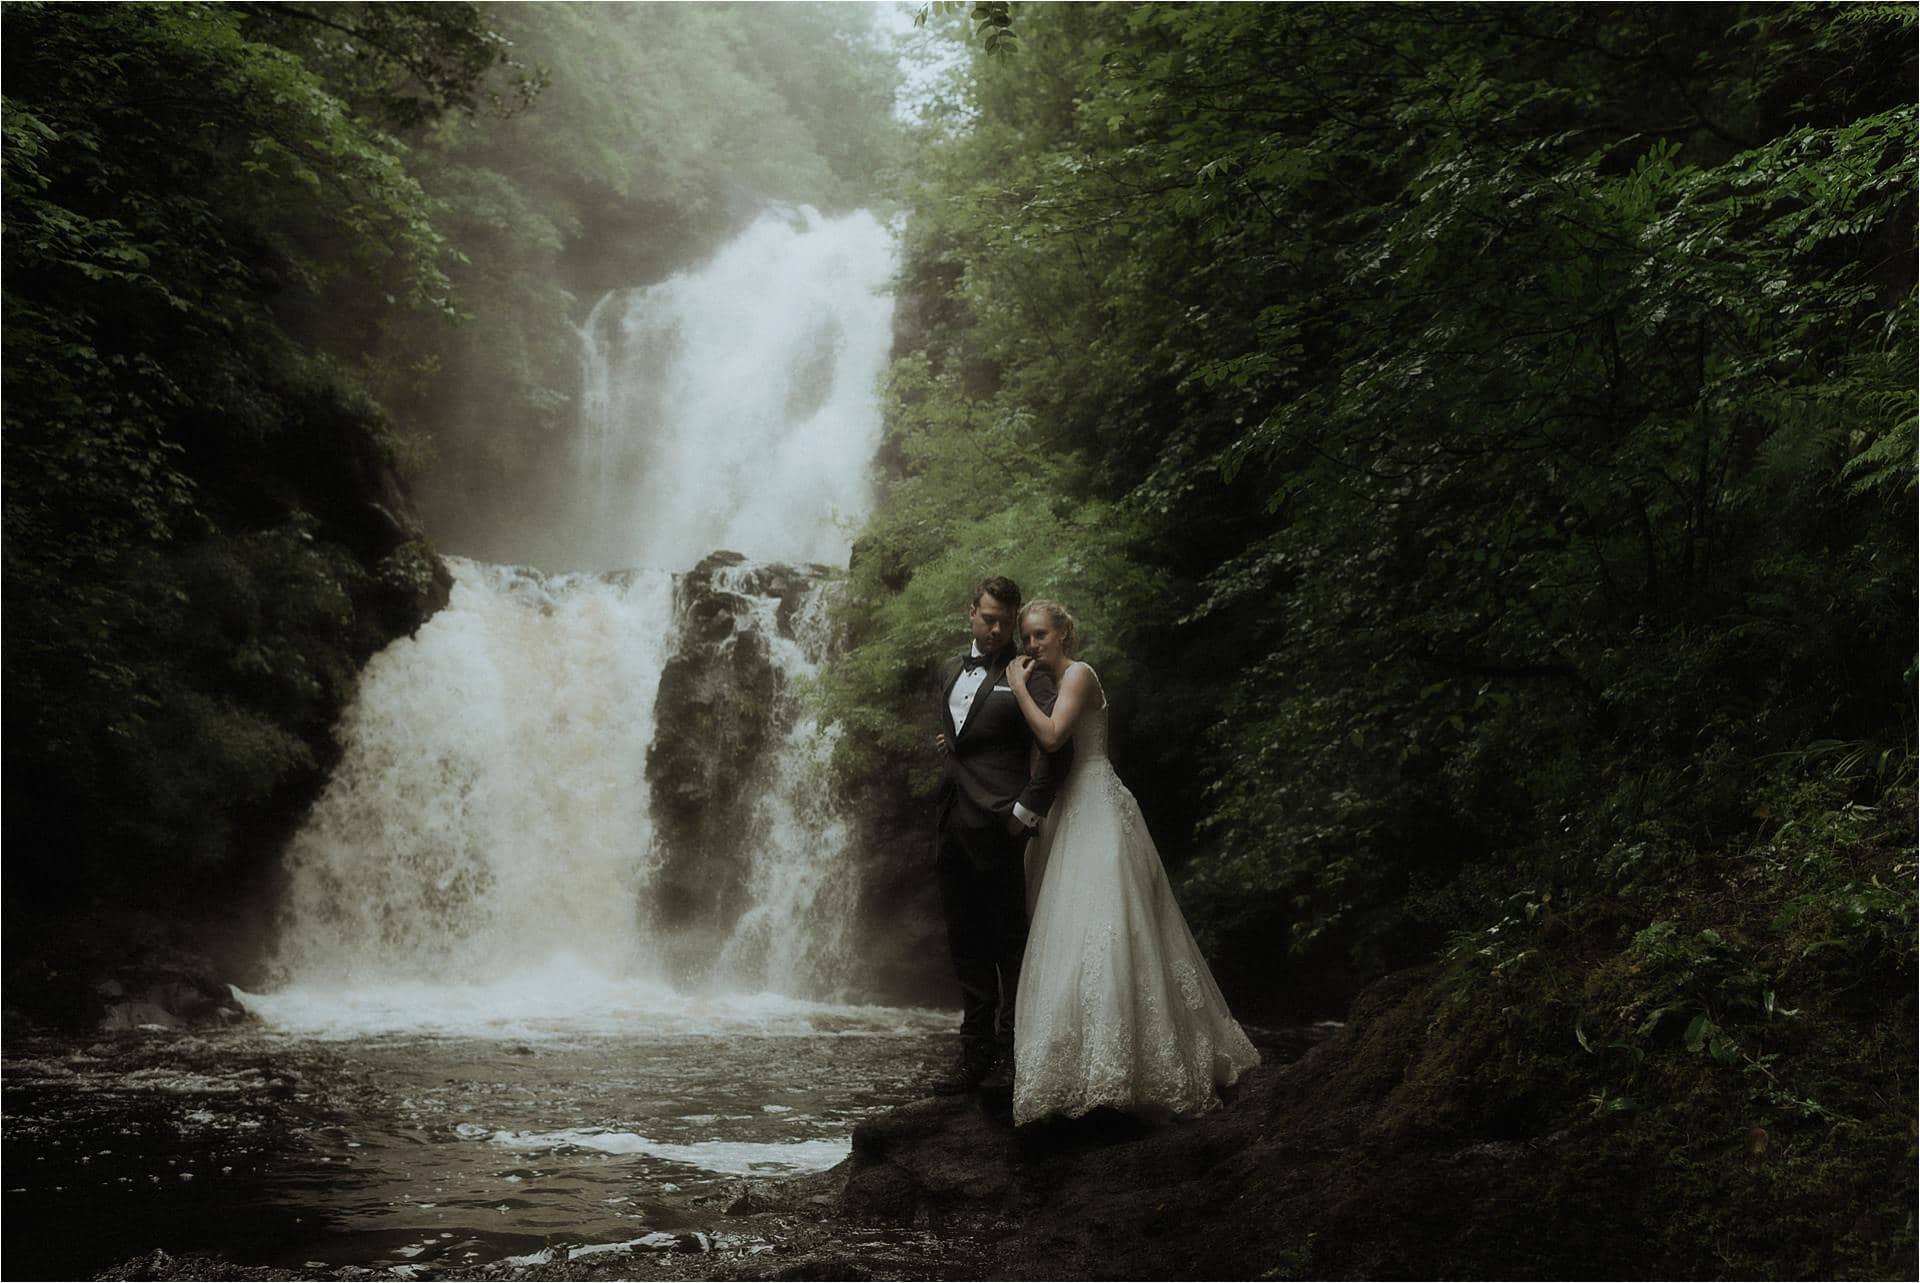 isle of skye elopement at raa falls